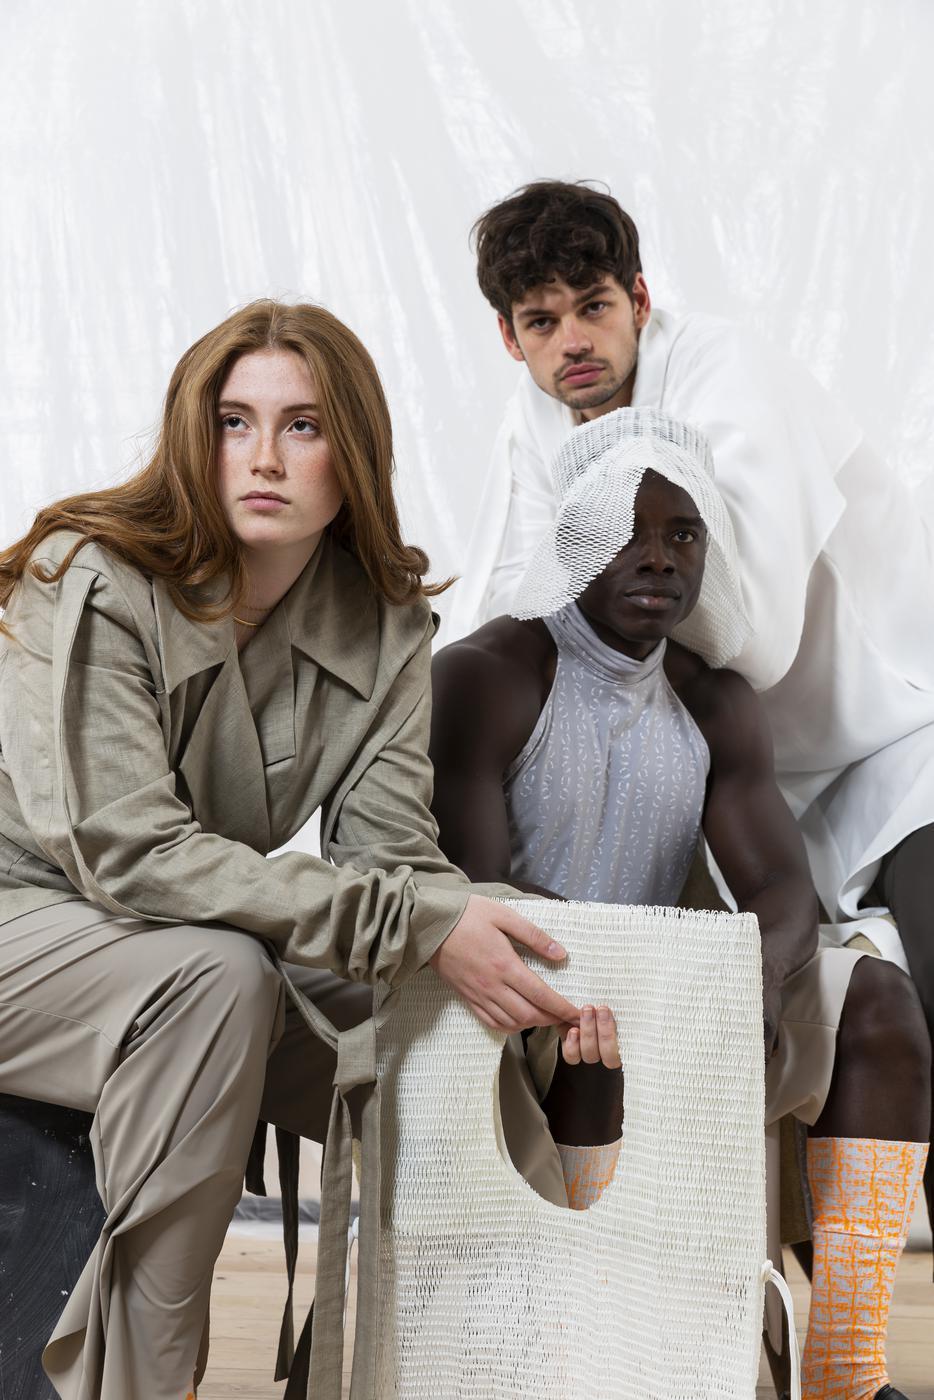 Alles abbaubar oder wiederverwertet: Studentin Eleonore Brive zeigt, dass Mode nachhaltig sein kann.